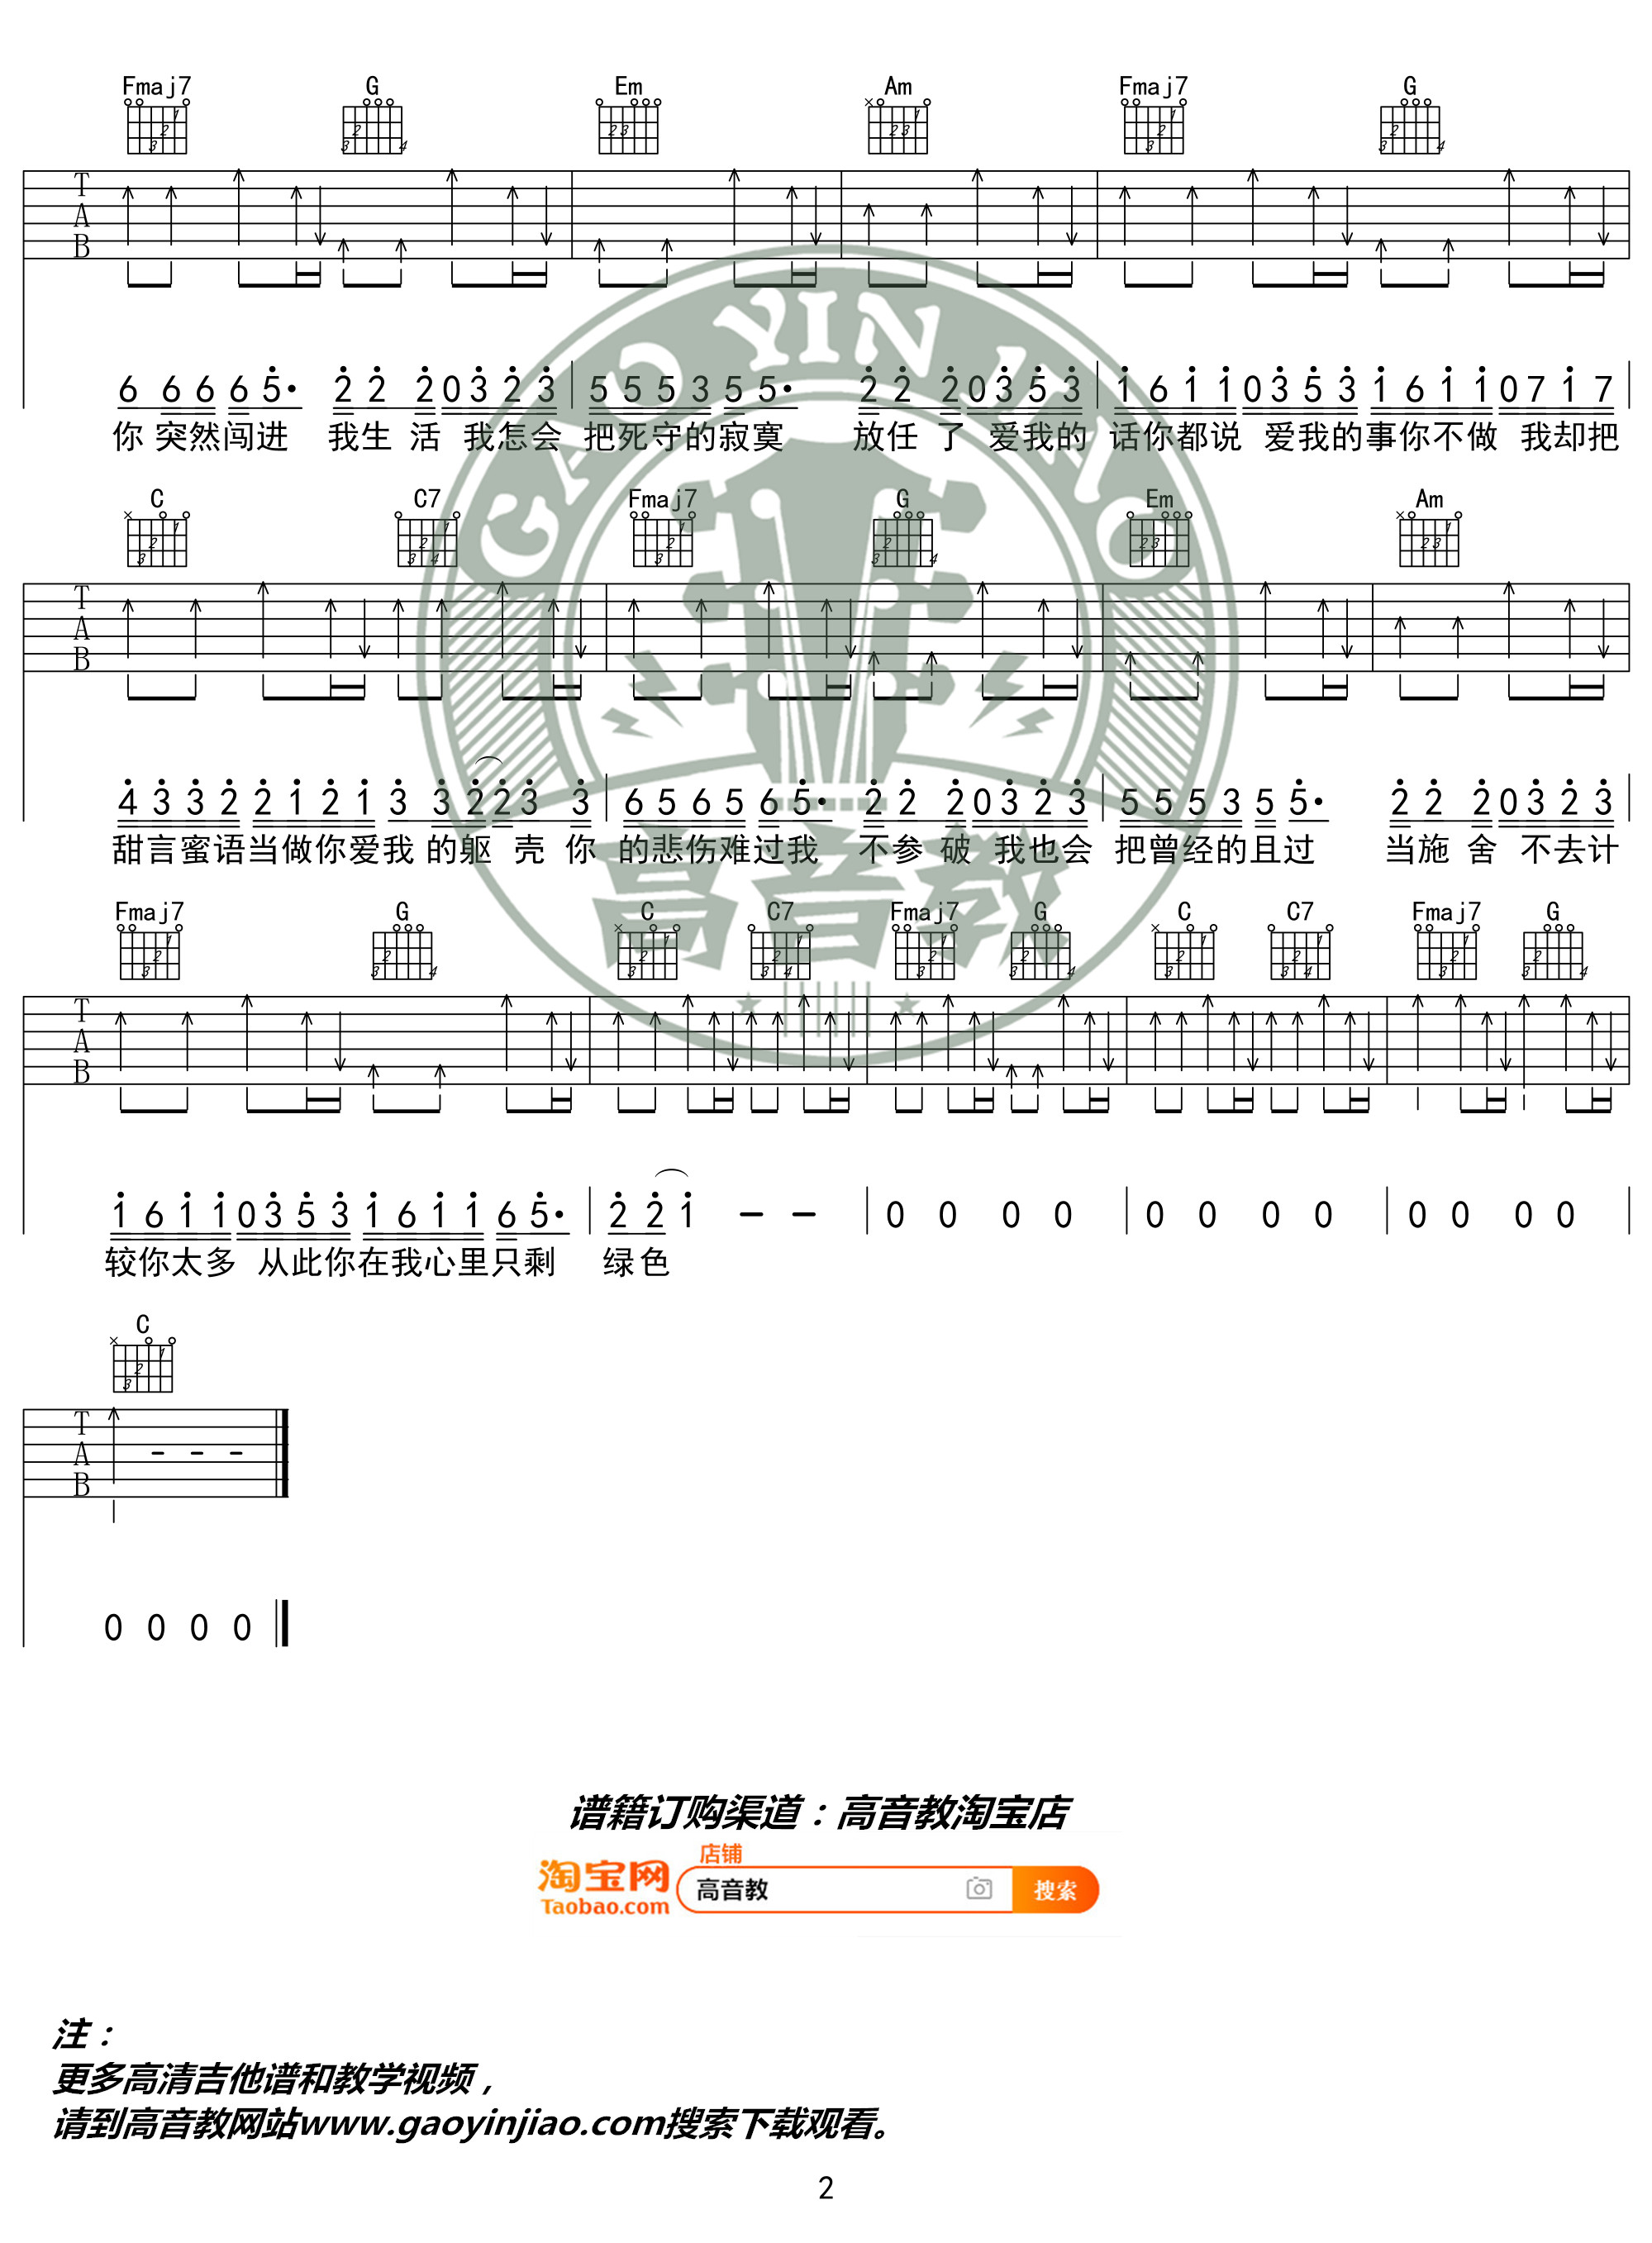 《绿色》吉他谱C调入门版 陈雪凝 高音教编配-C大调音乐网